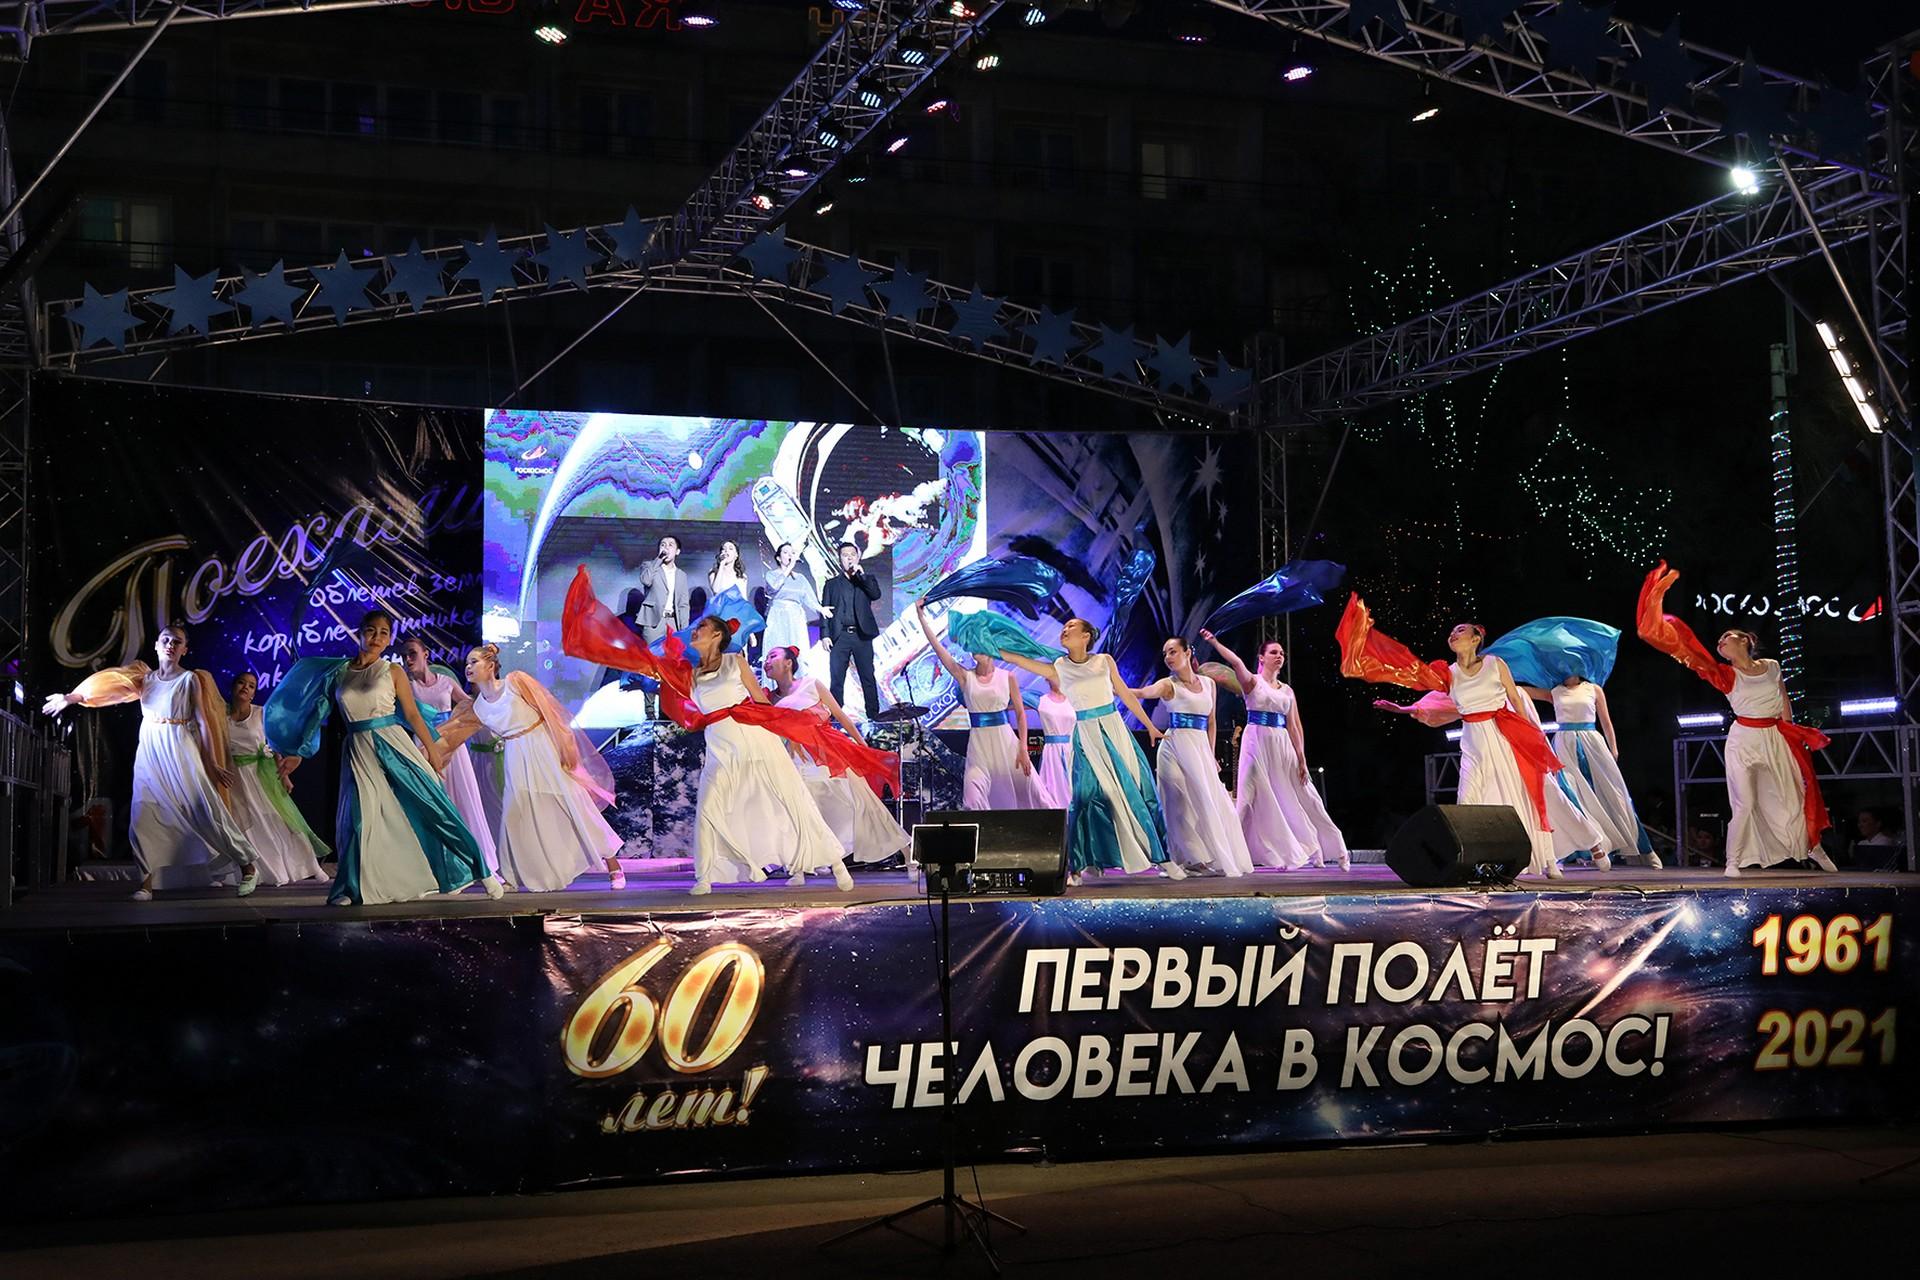 В день 60-летия со дня полета в космос Ю.А. Гагарина на площади Ленина состоялся большой концерт, завершившийся праздничным салютом